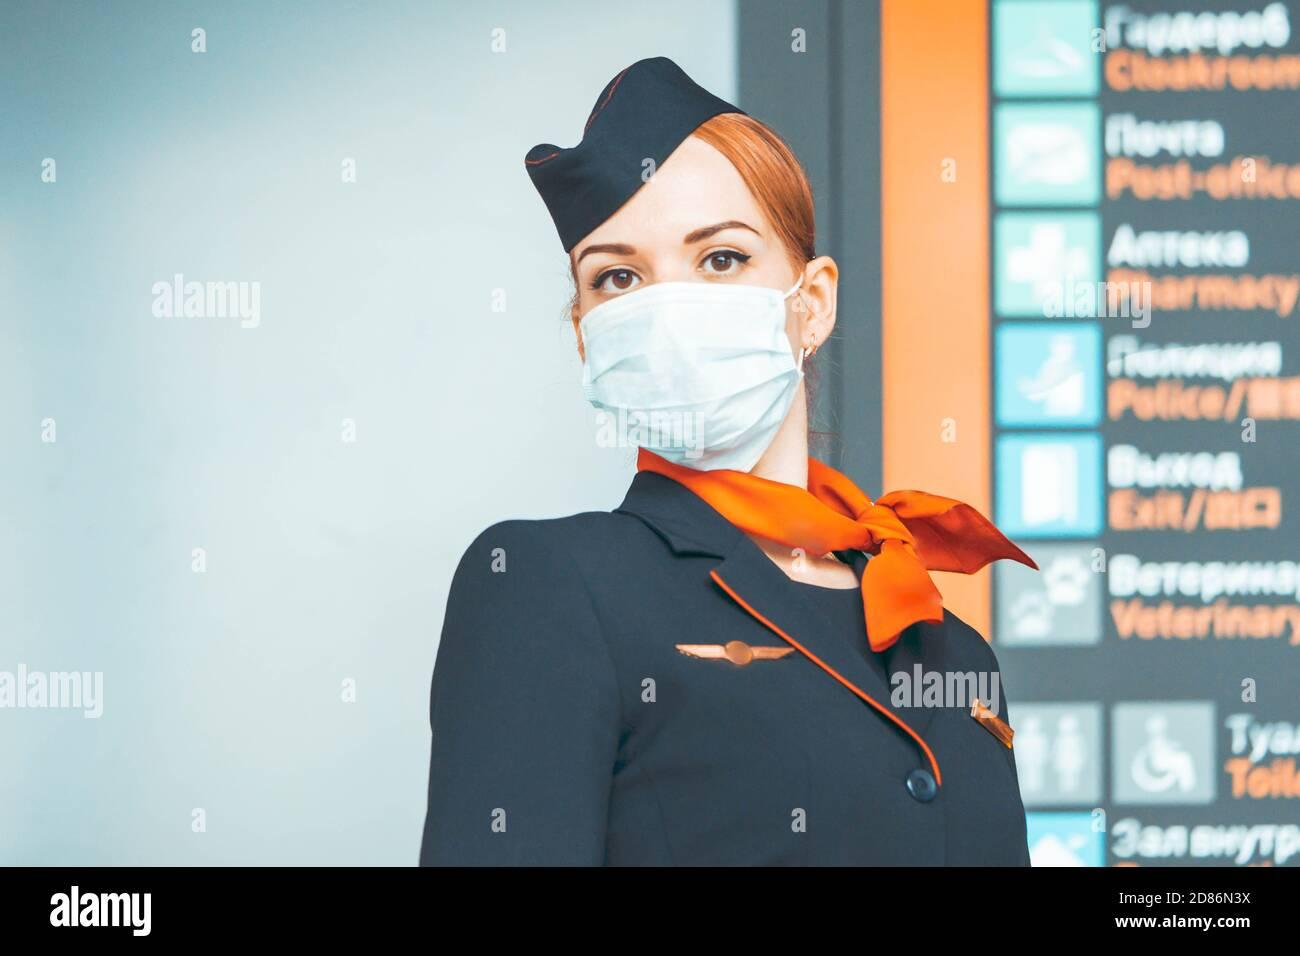 Gros plan du magnifique agent de vol Red Head portant un masque de protection et restez près du panneau de départ et d'arrivée. Covid-19 Outbreak Travel Restrictio Banque D'Images